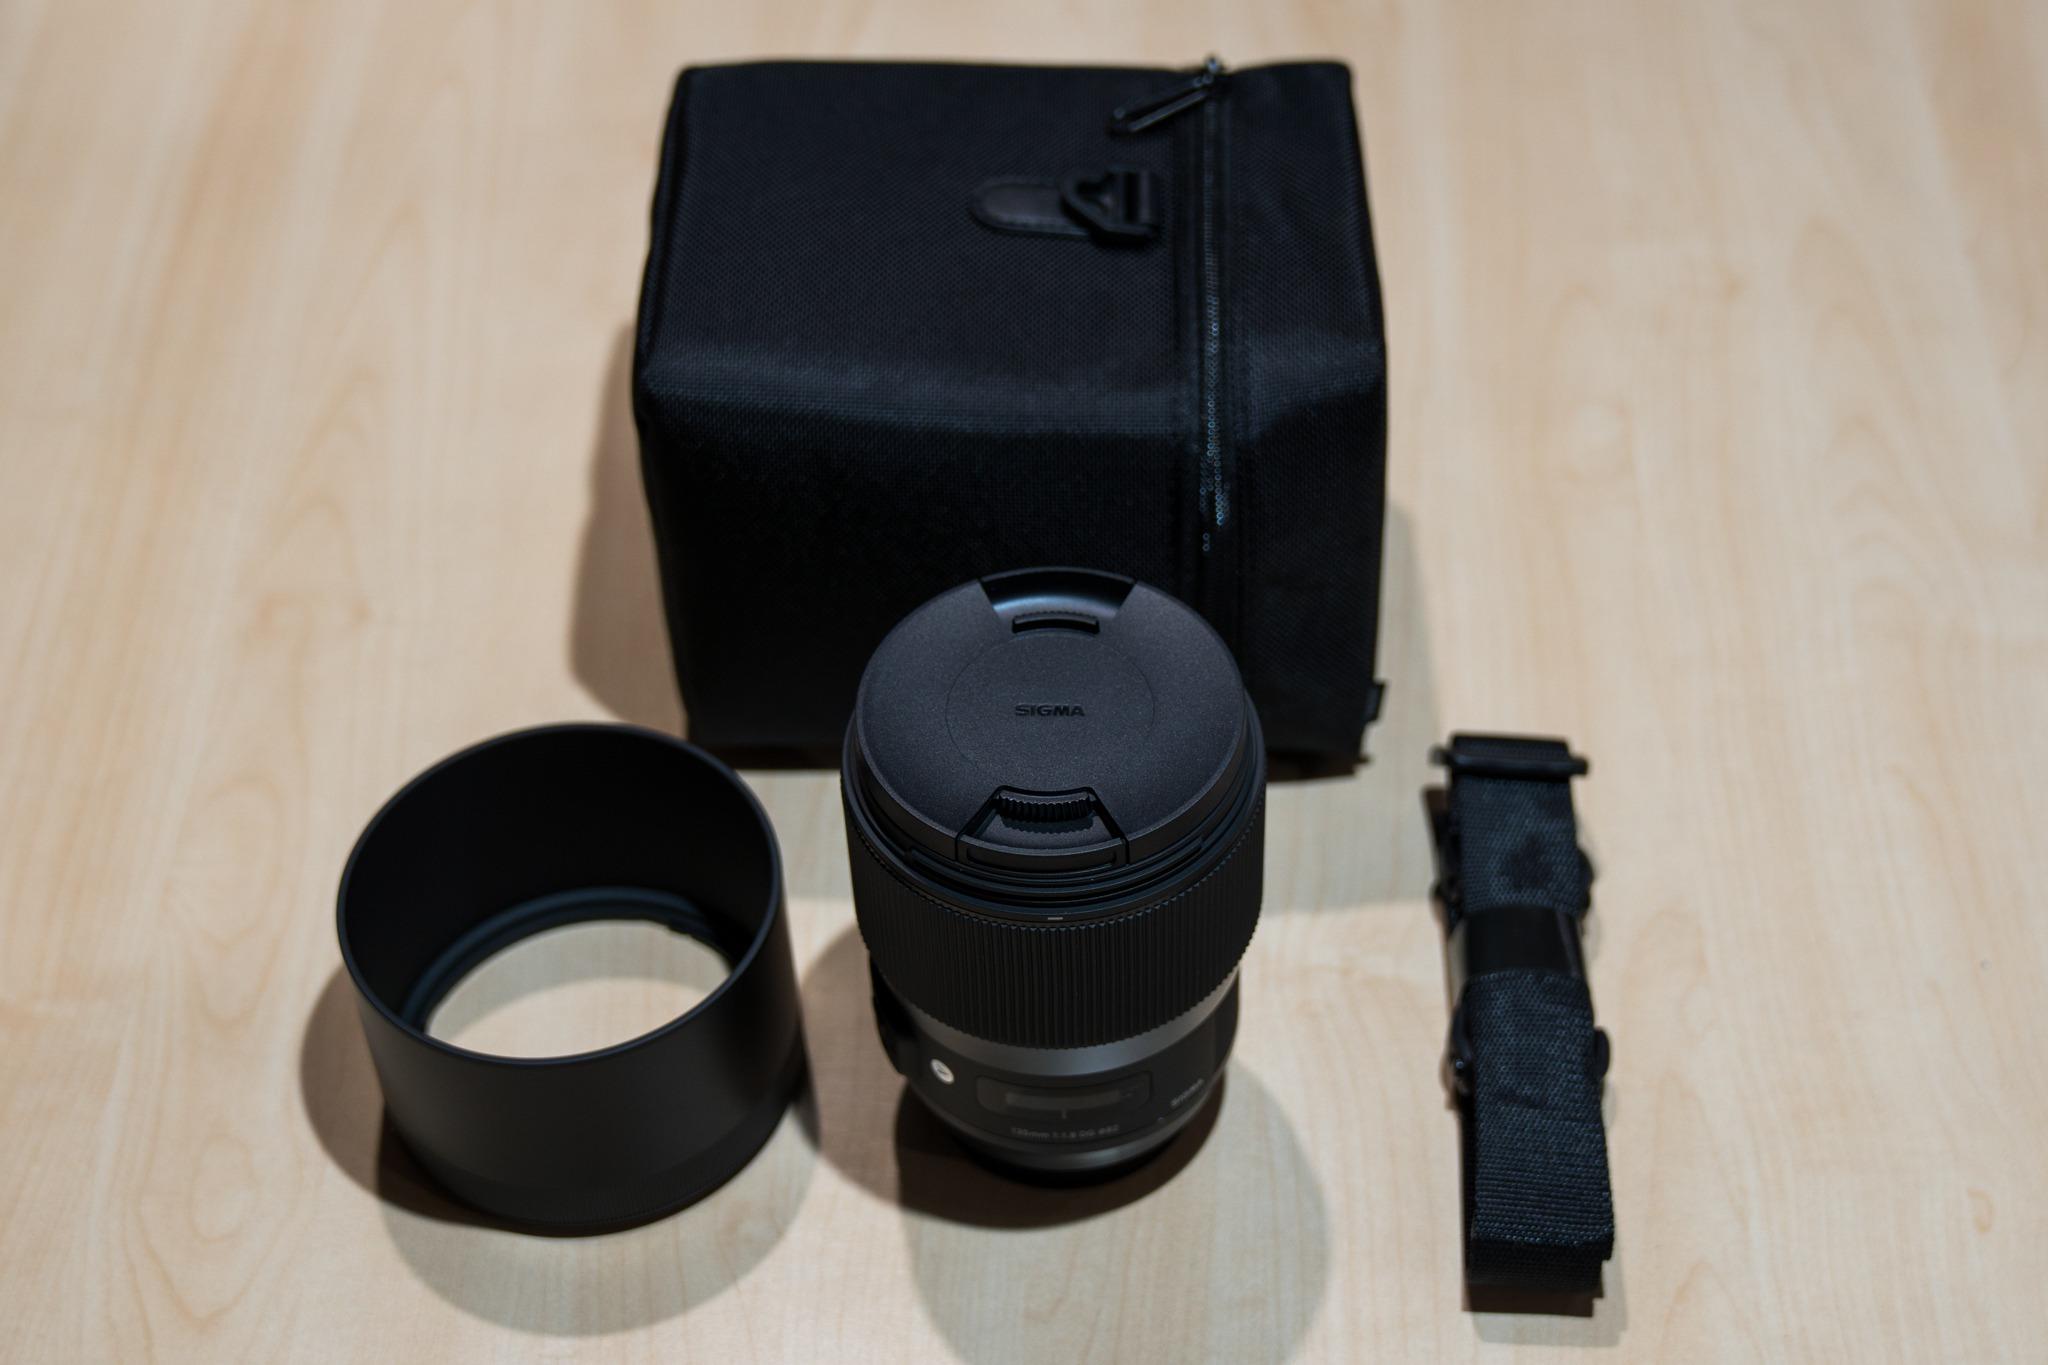 Sigma 135mm f/1.8 Art - First Impressions